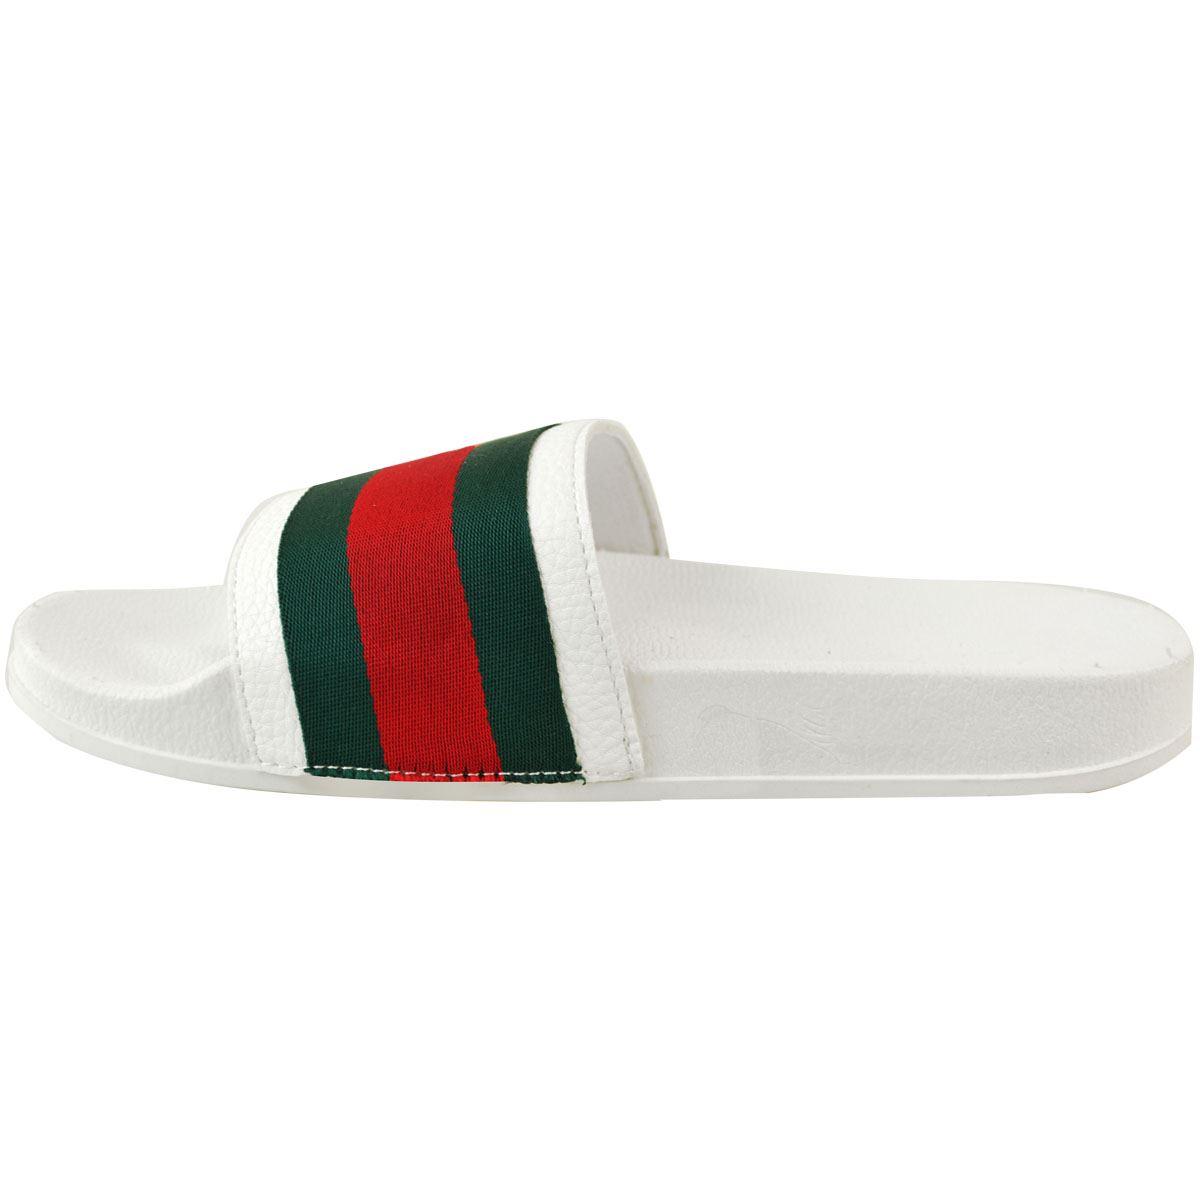 Mens-Guys-Flat-Rubber-Slides-Sliders-Stripe-Sandals-Pool-Beach-Designer-New-Size thumbnail 15